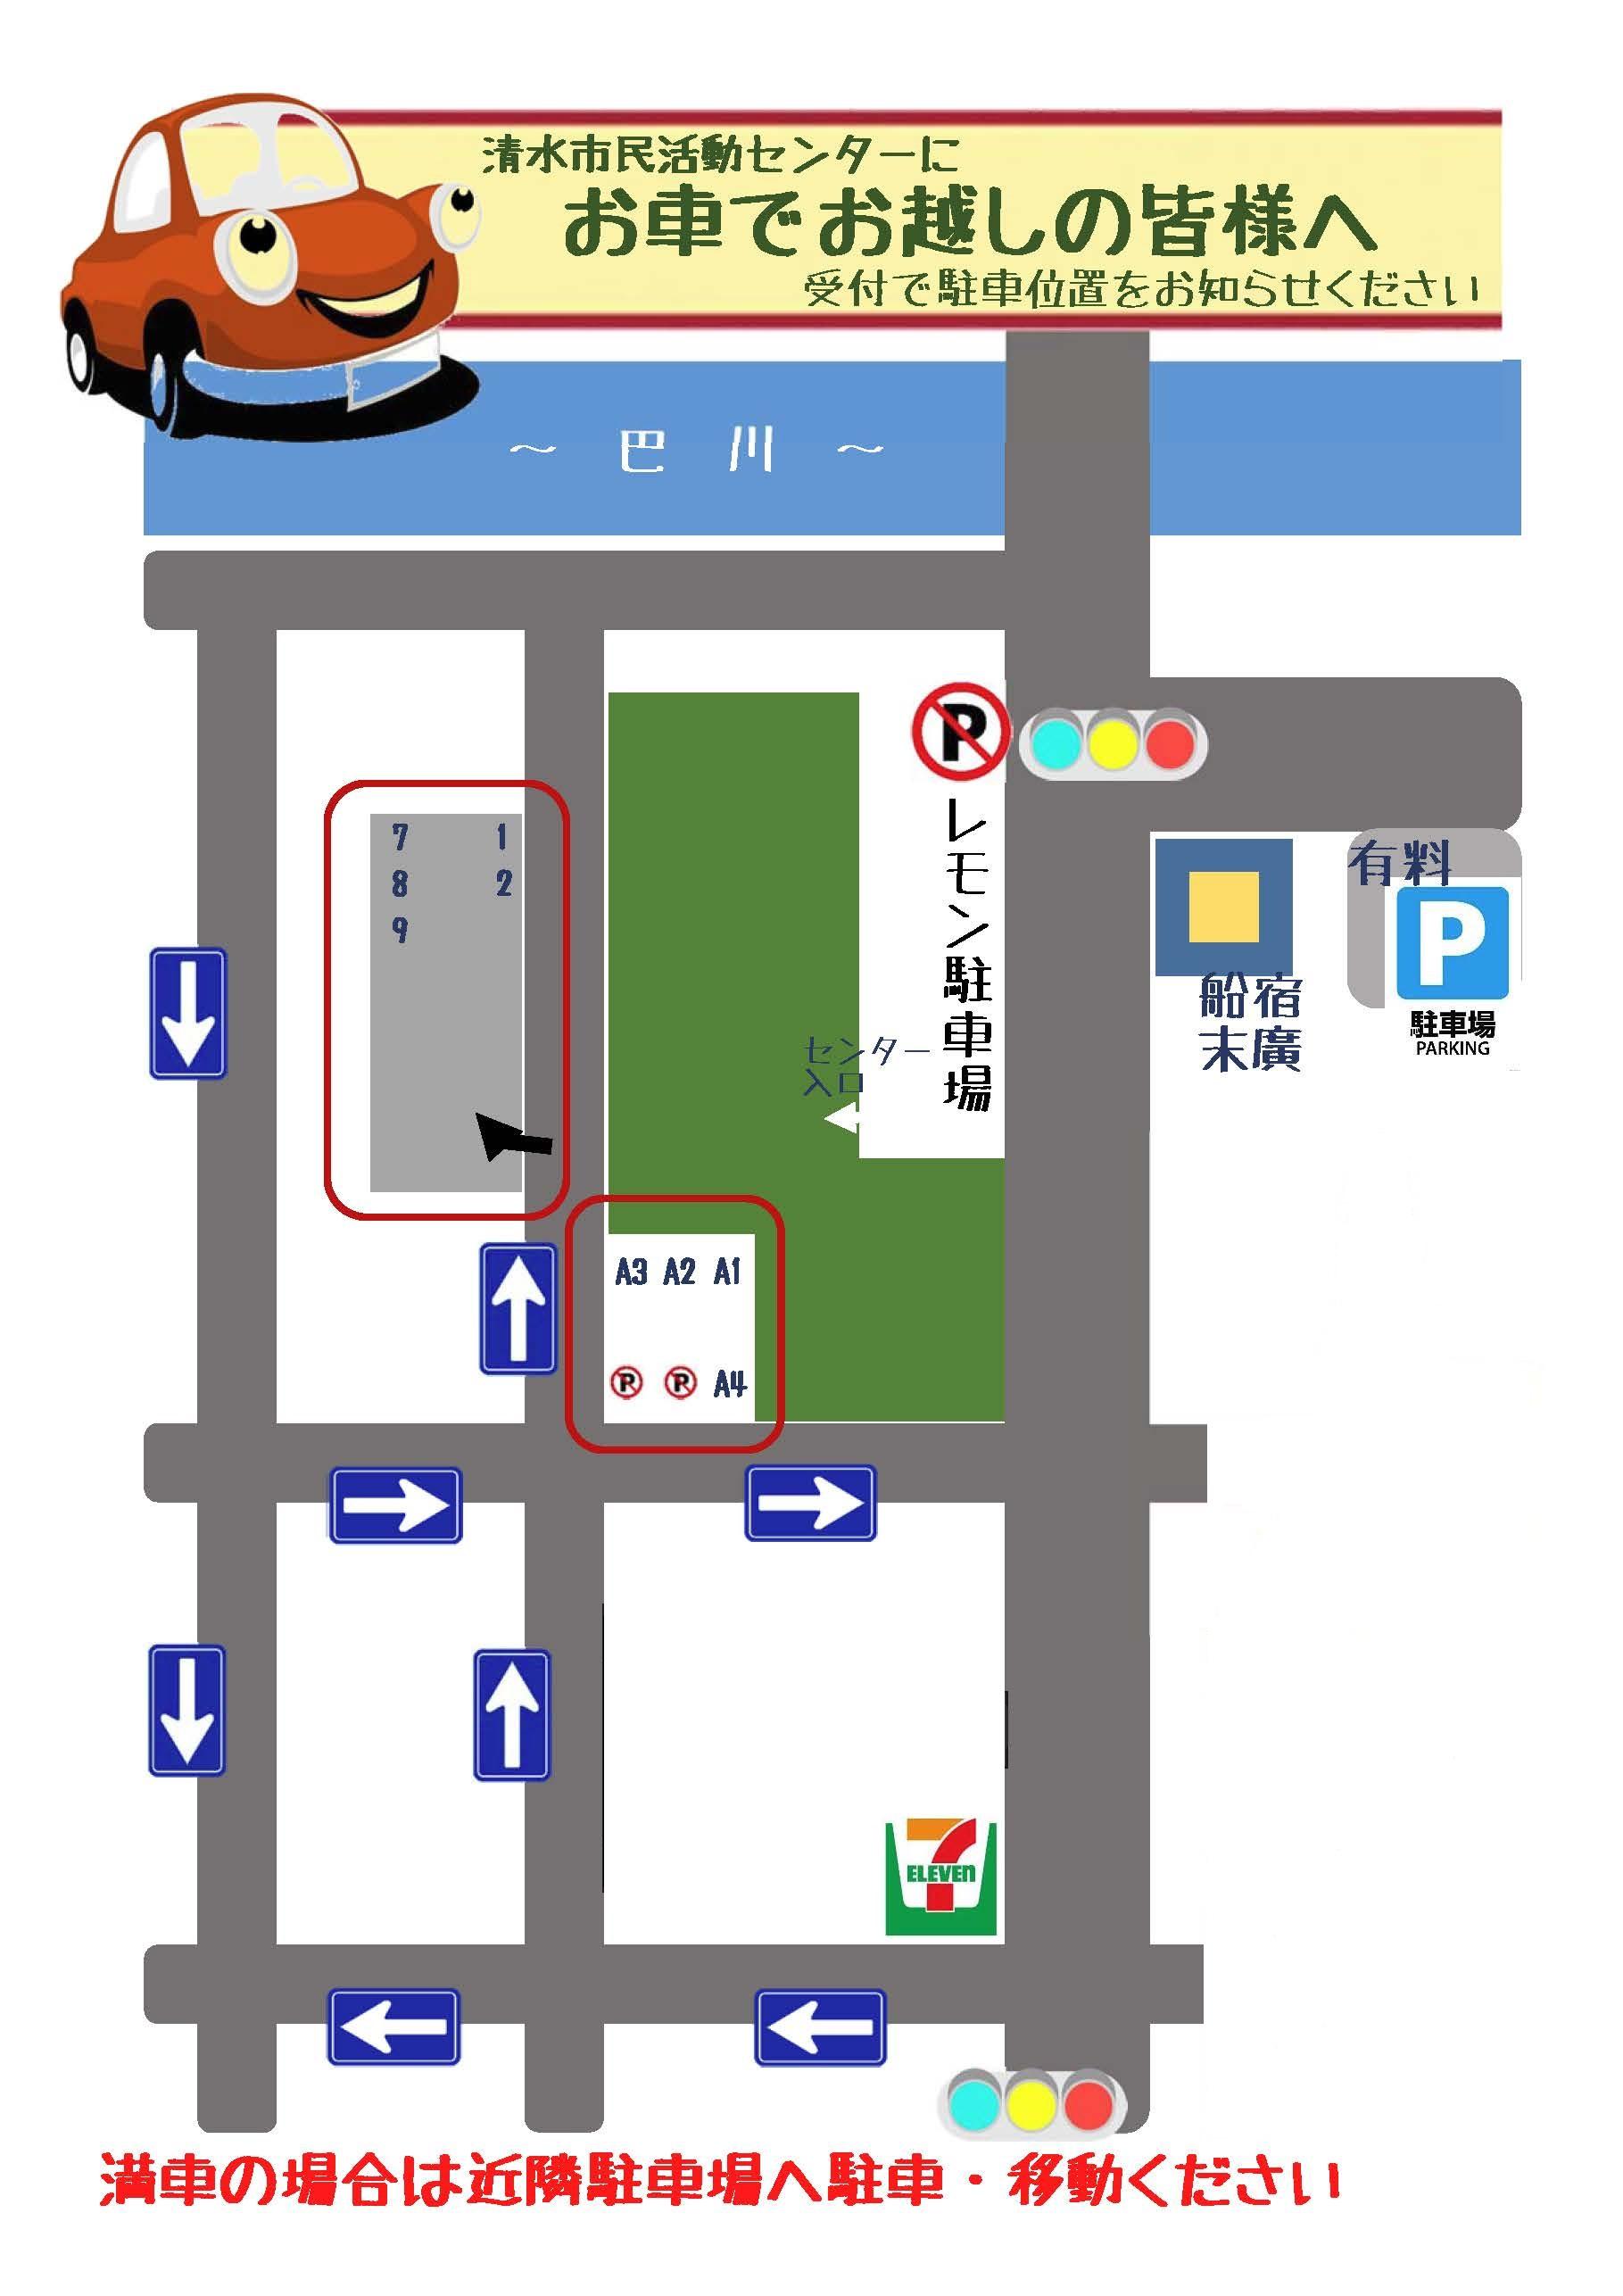 清水市民活動センター 駐車場